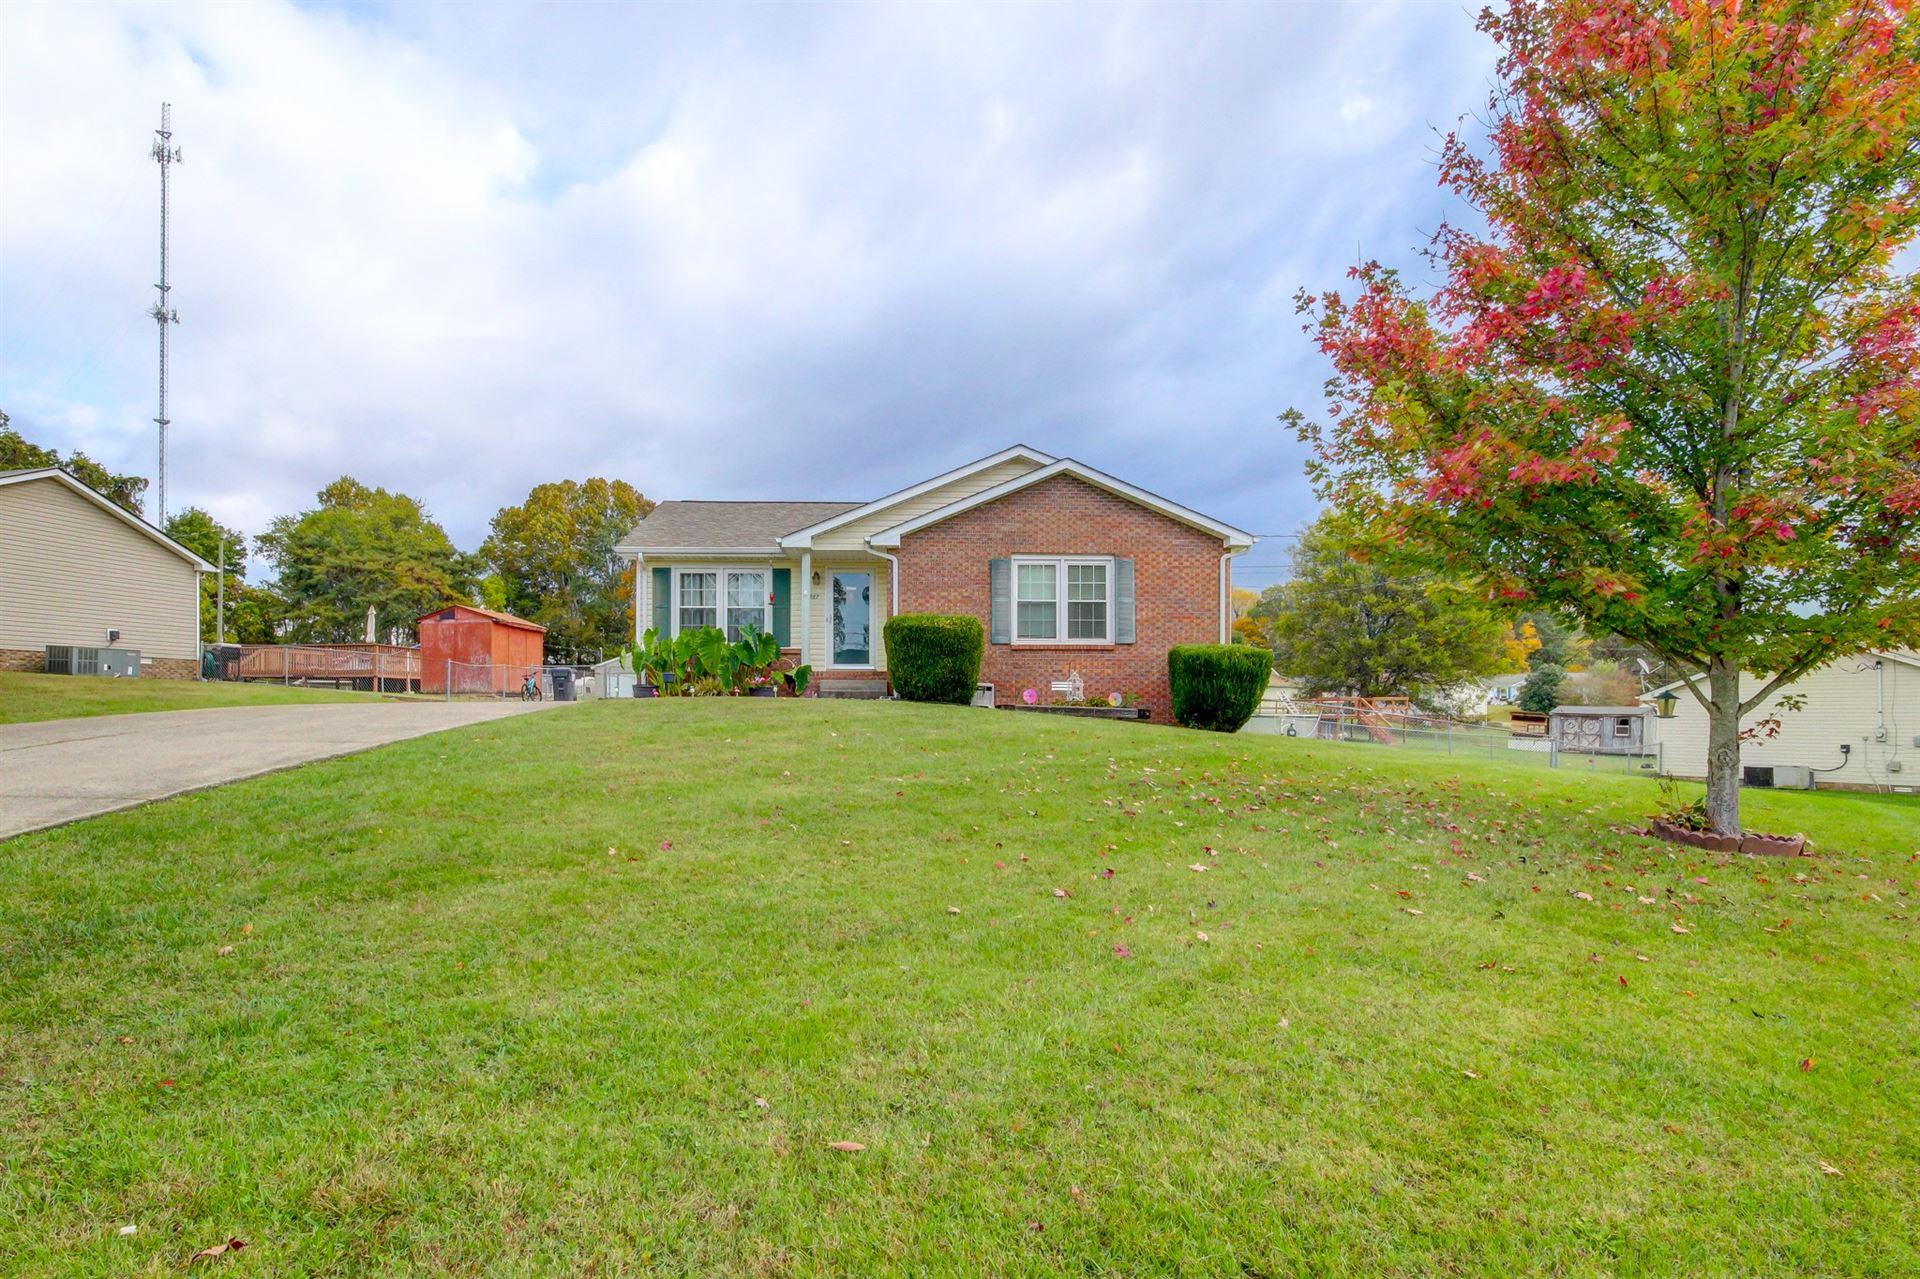 1037 Tolliver Way, Clarksville, TN 37040 - MLS#: 2202182